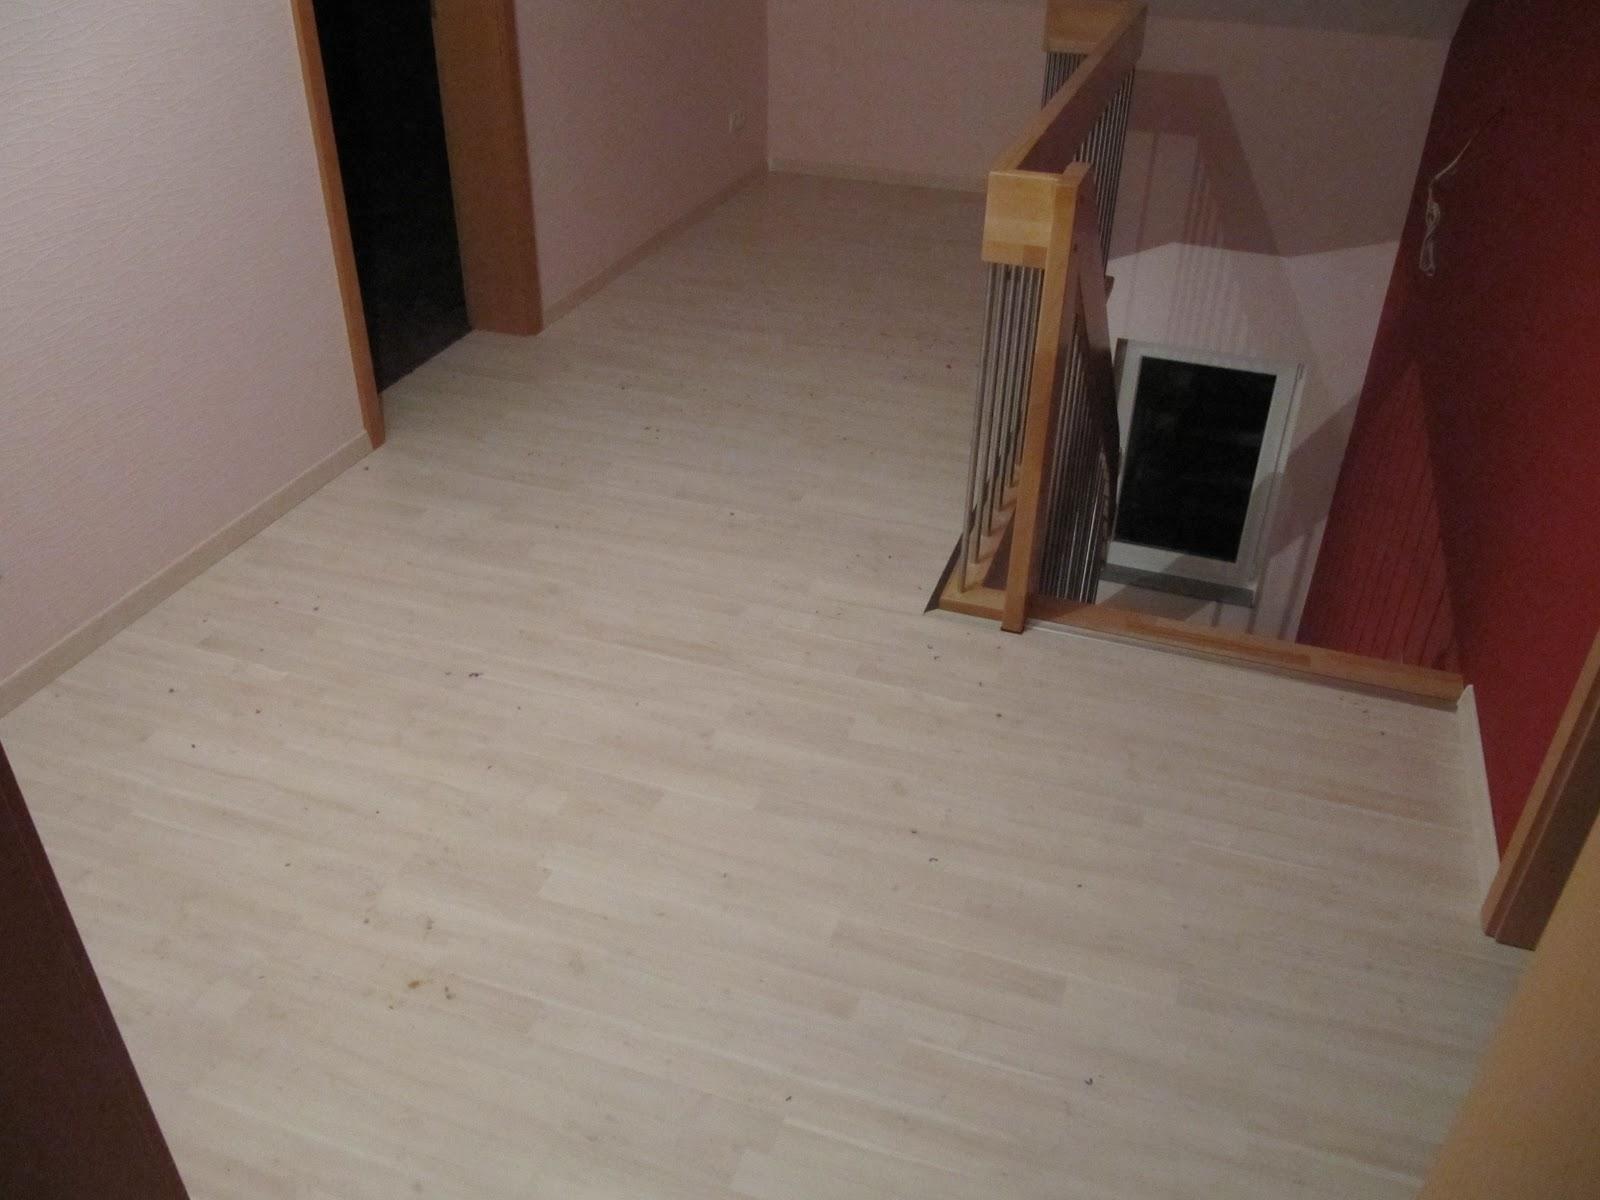 Projekt Schnitzelbude Laminat Im Flur Teppich Im Schlafzimmer